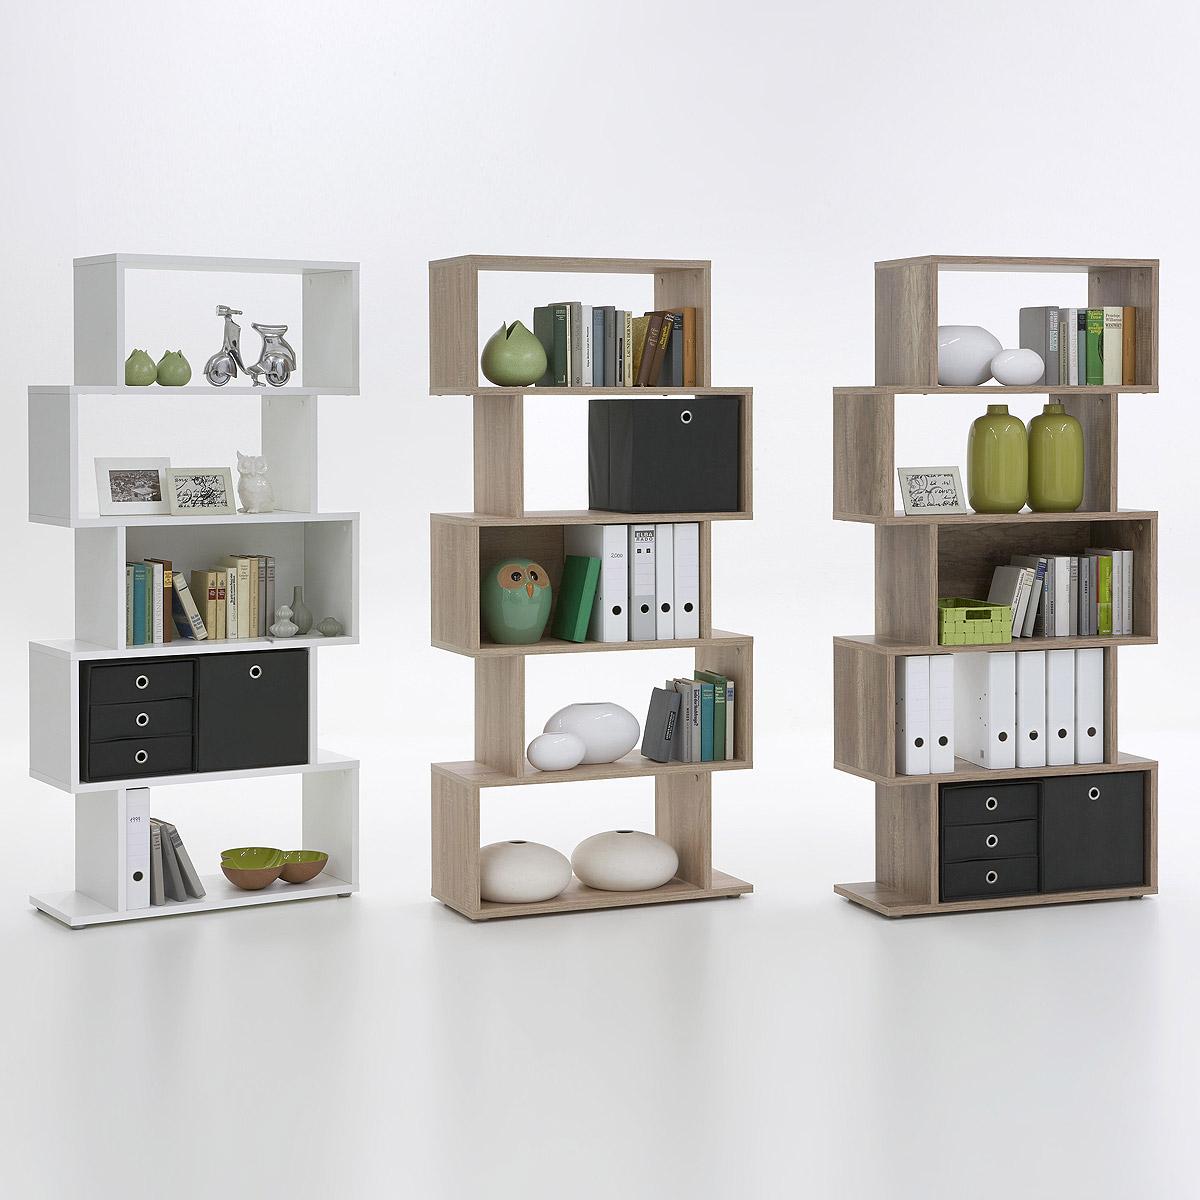 regal kubi raumteiler ausf hrung w hlbar wei eiche oder wildeiche ebay. Black Bedroom Furniture Sets. Home Design Ideas